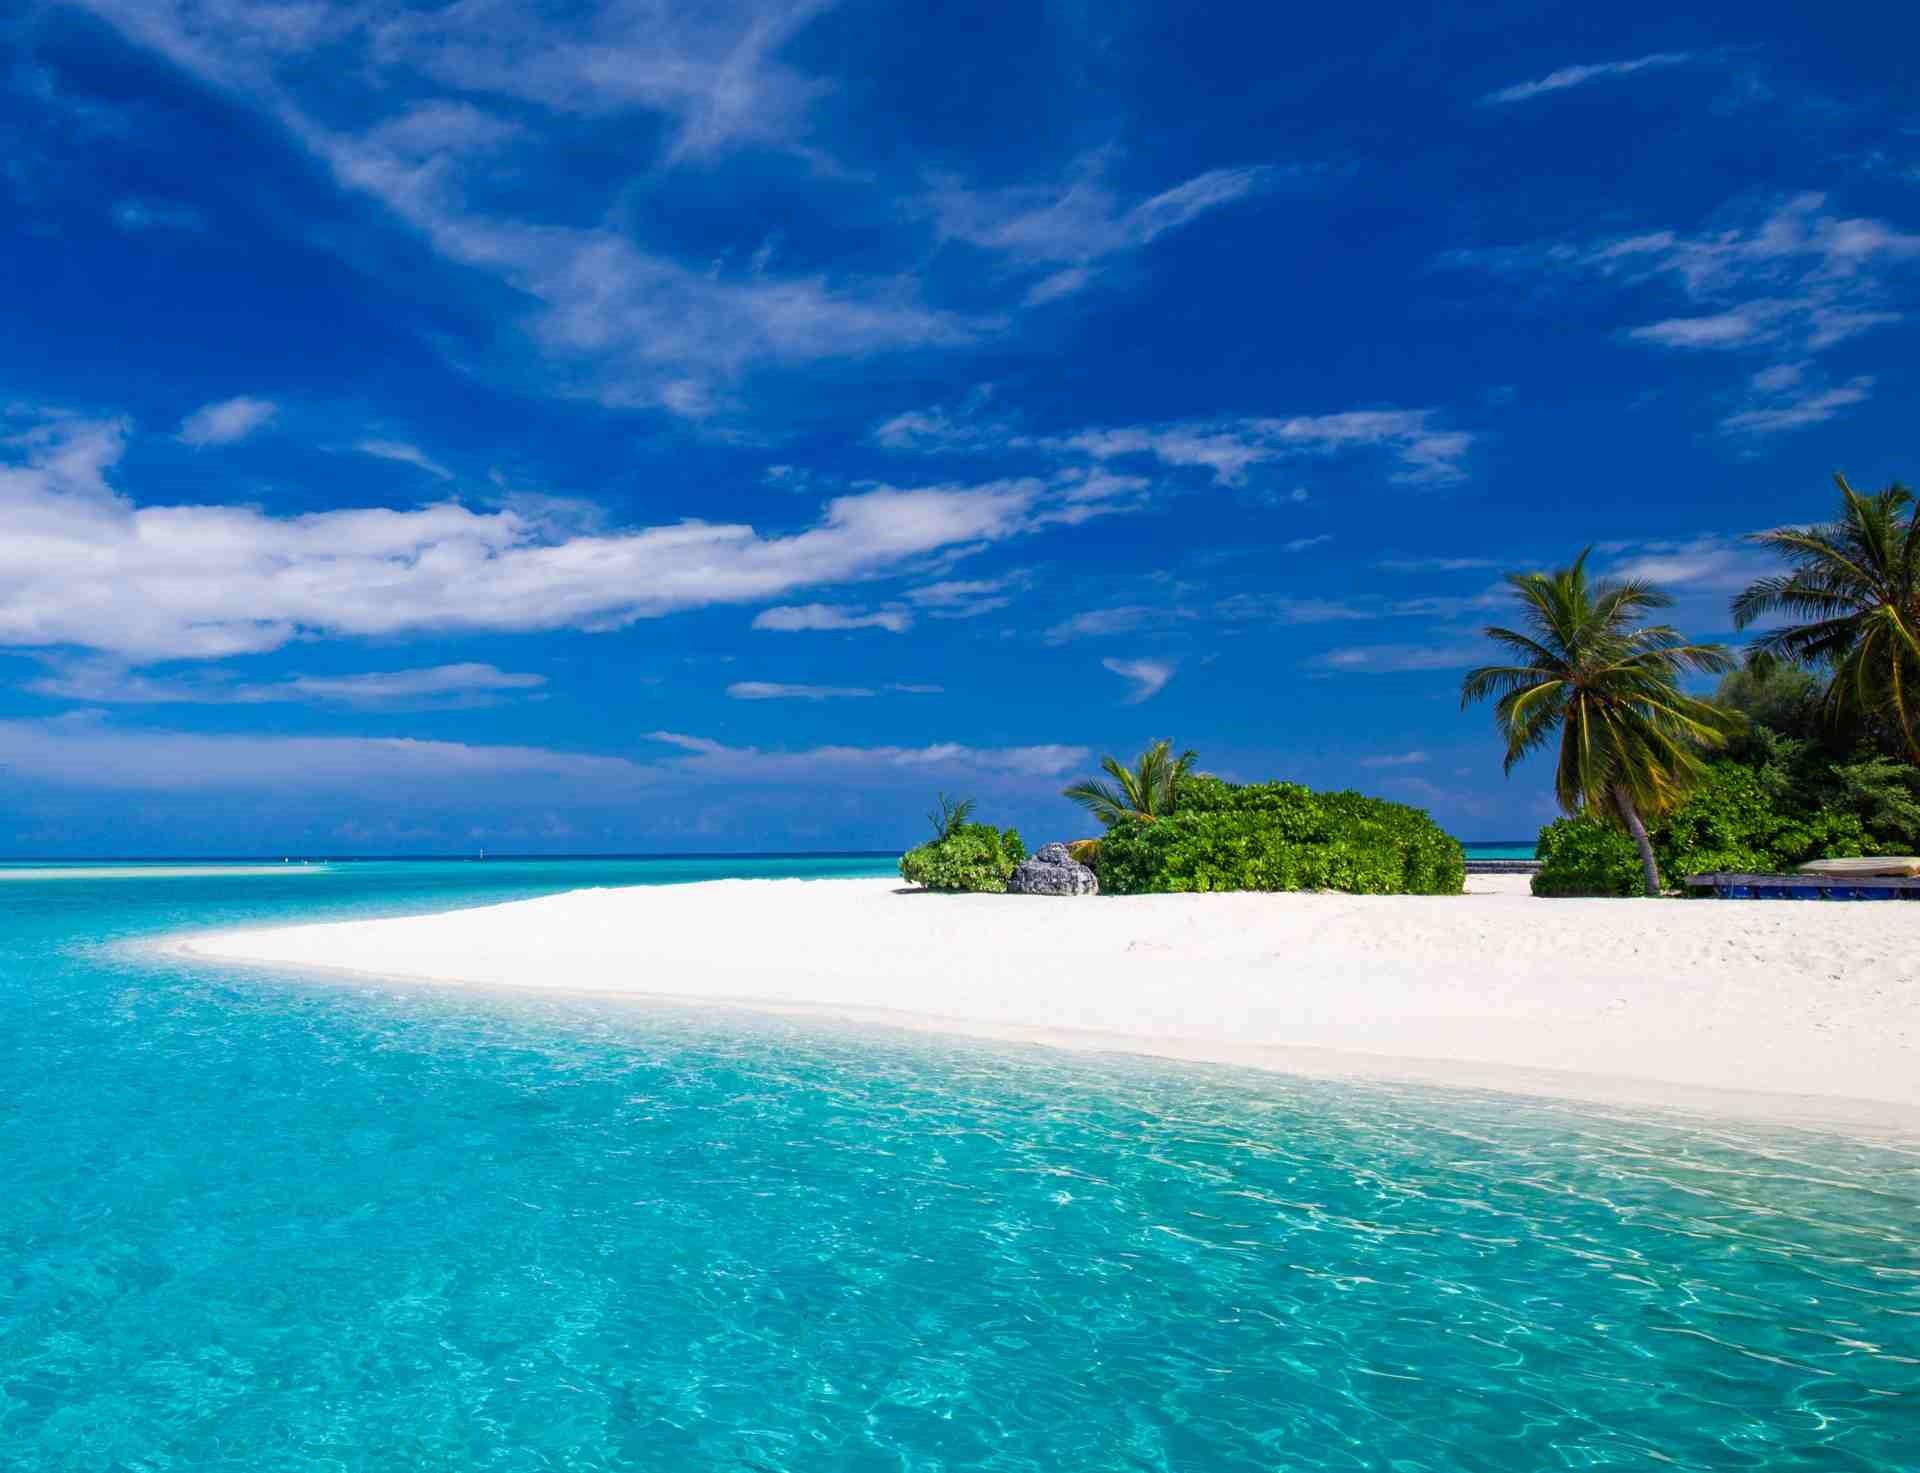 Una spiaggia come destinazione per un viaggi di nozze a Mauritius